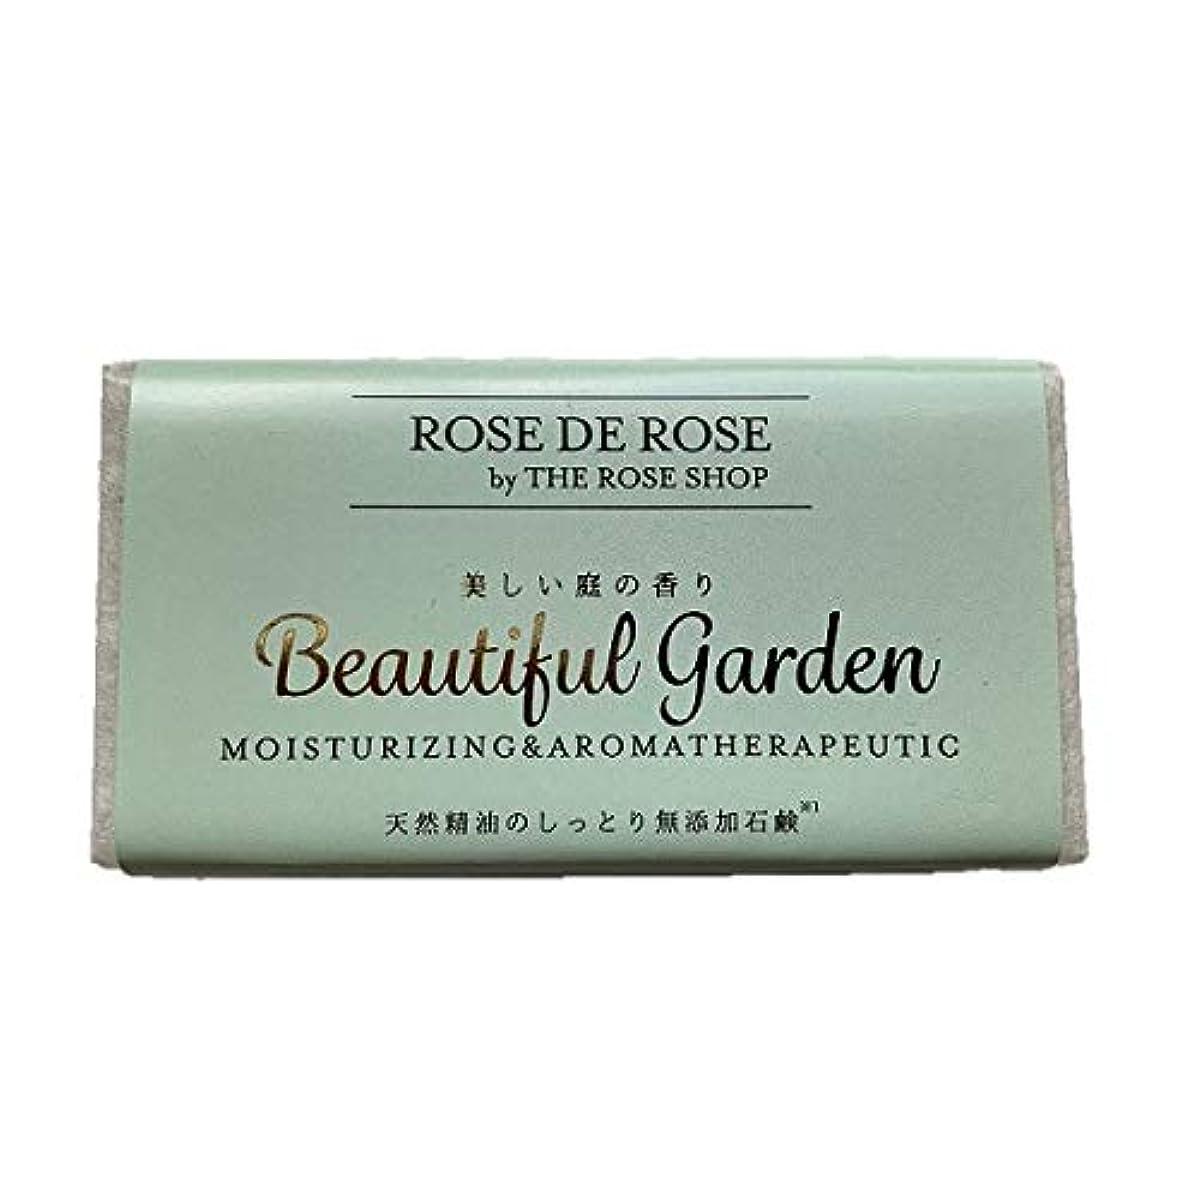 貫入アンプきらめき天然精油の無添加石鹸 「美しい庭の香り ビューティフルガーデン」3個セット